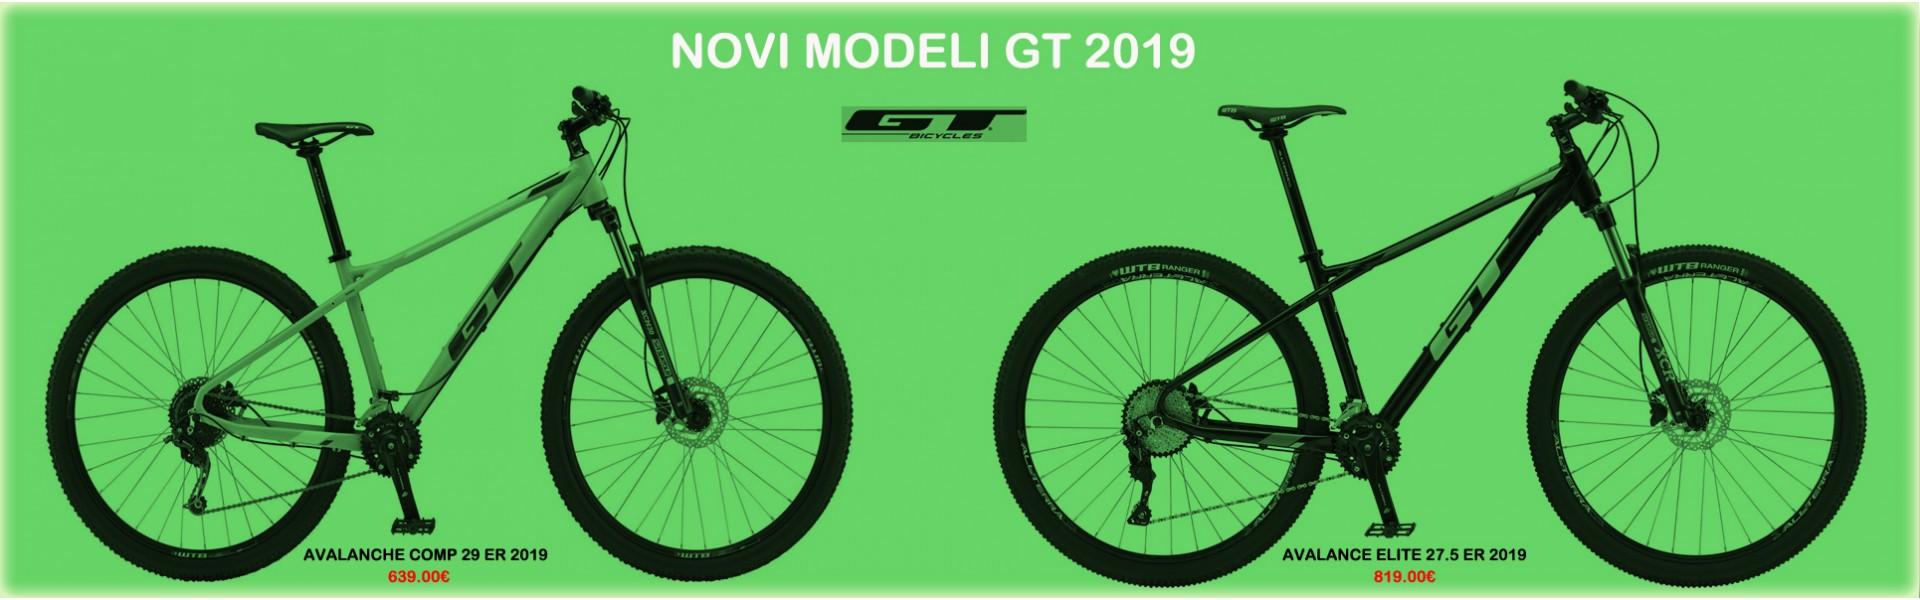 NEW MODELS GT 2019